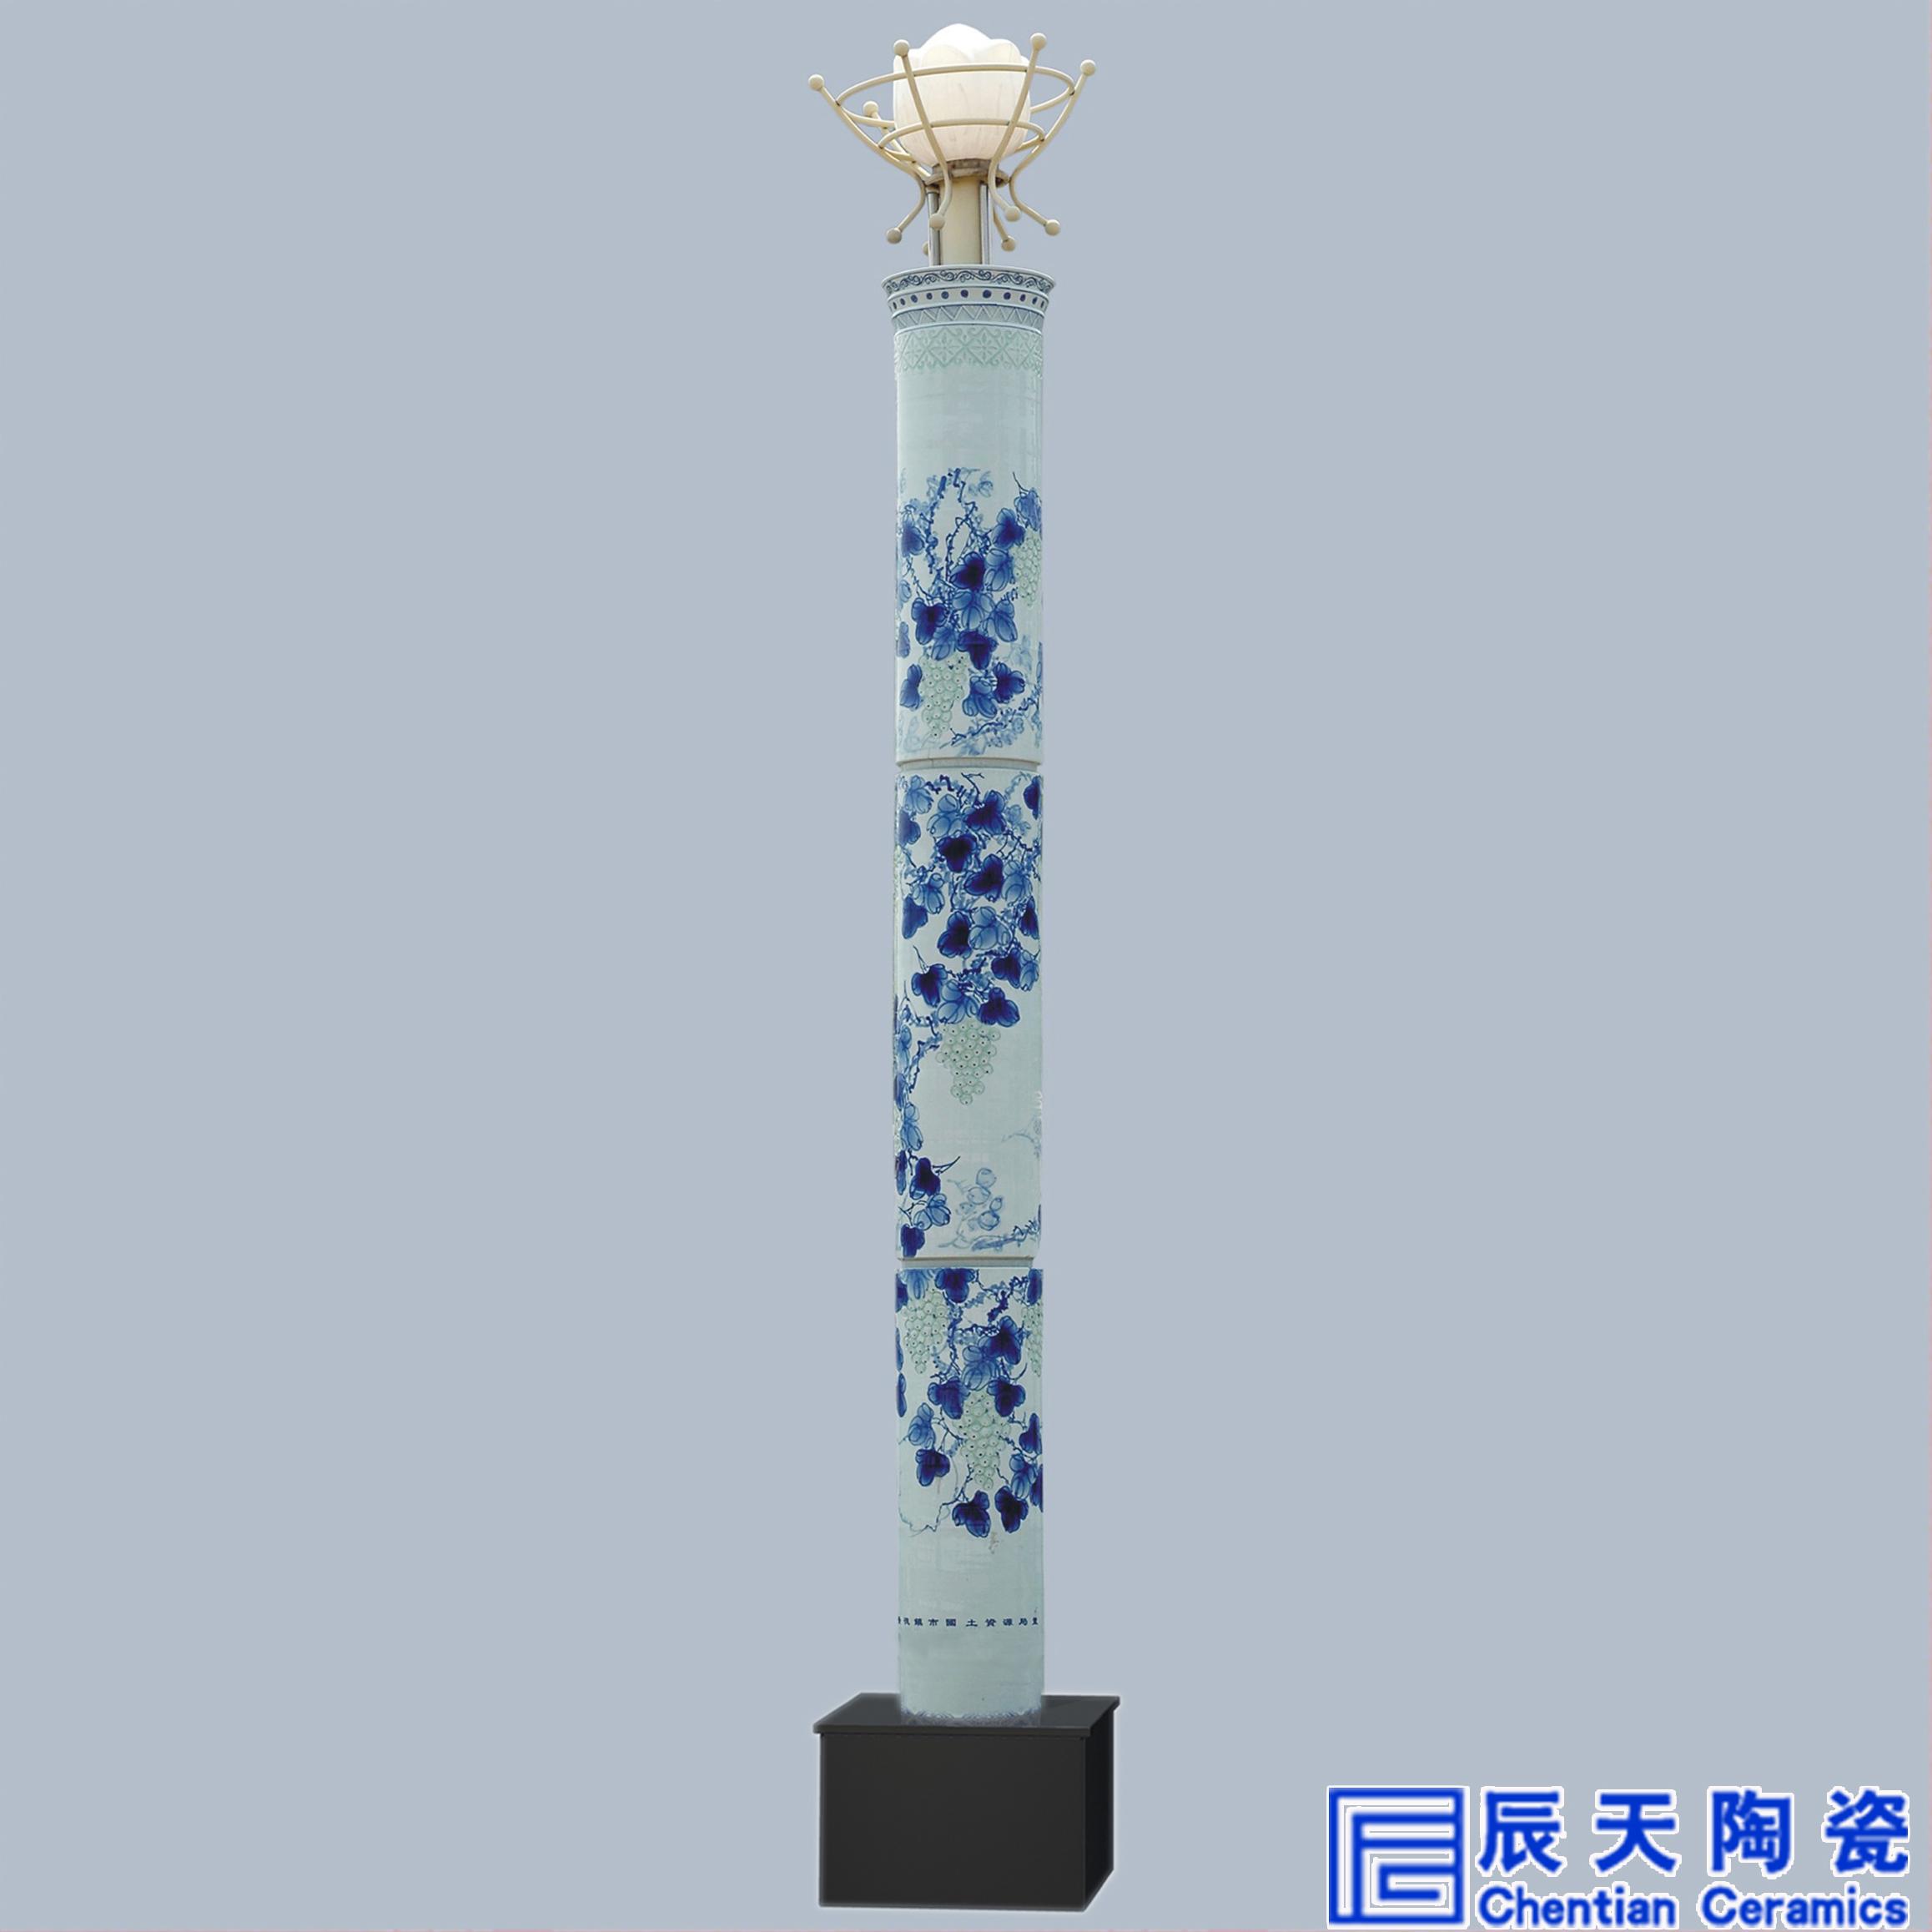 景德镇陶瓷景观灯柱 陶瓷灯柱批发厂家